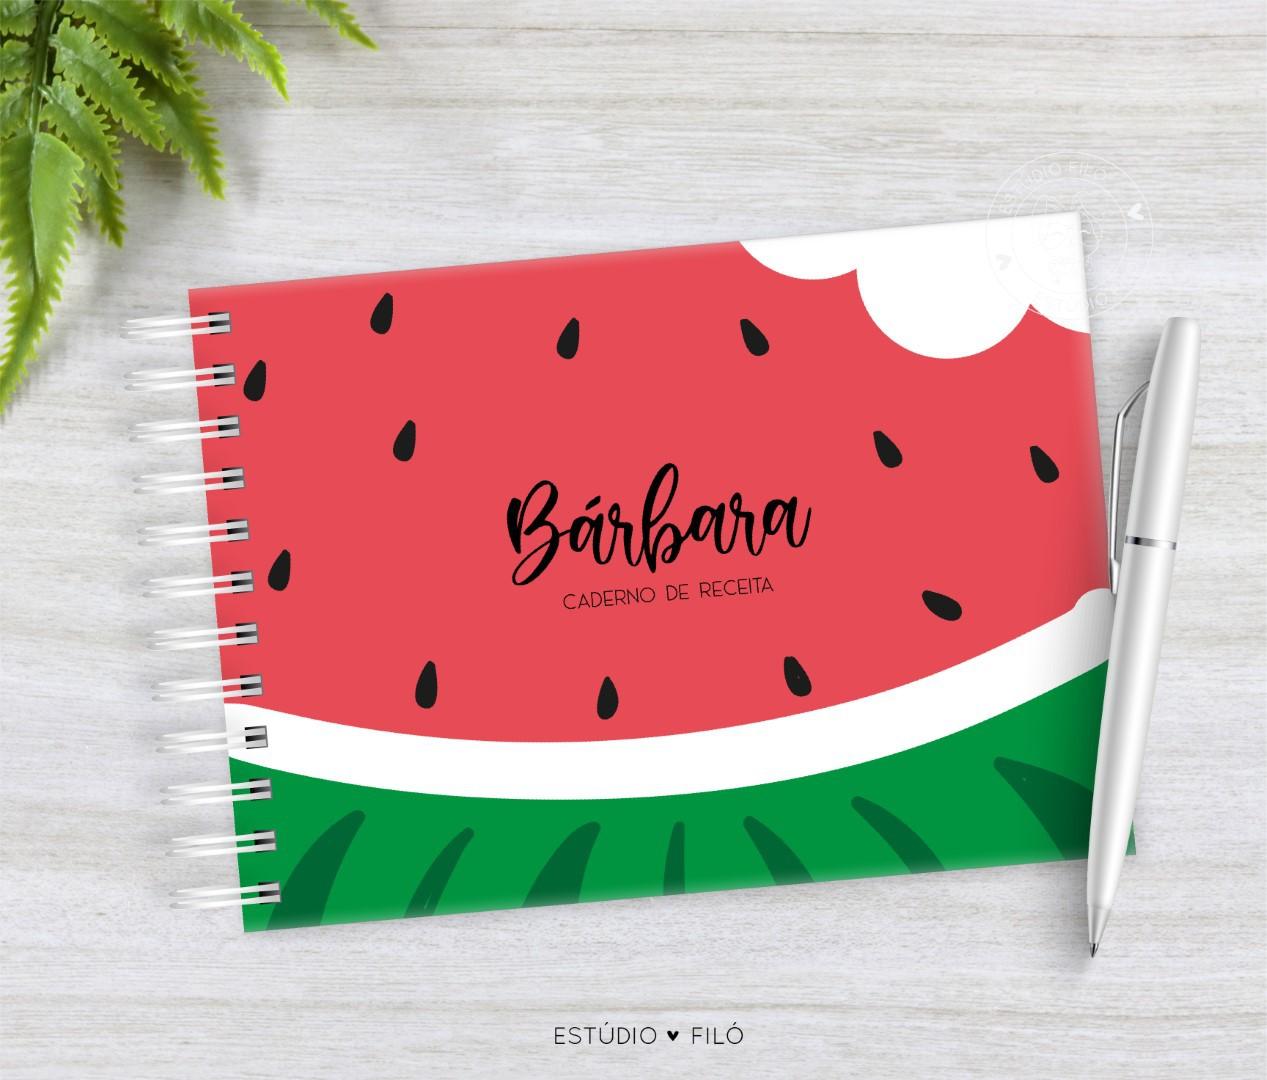 Caderno de receitas melancia